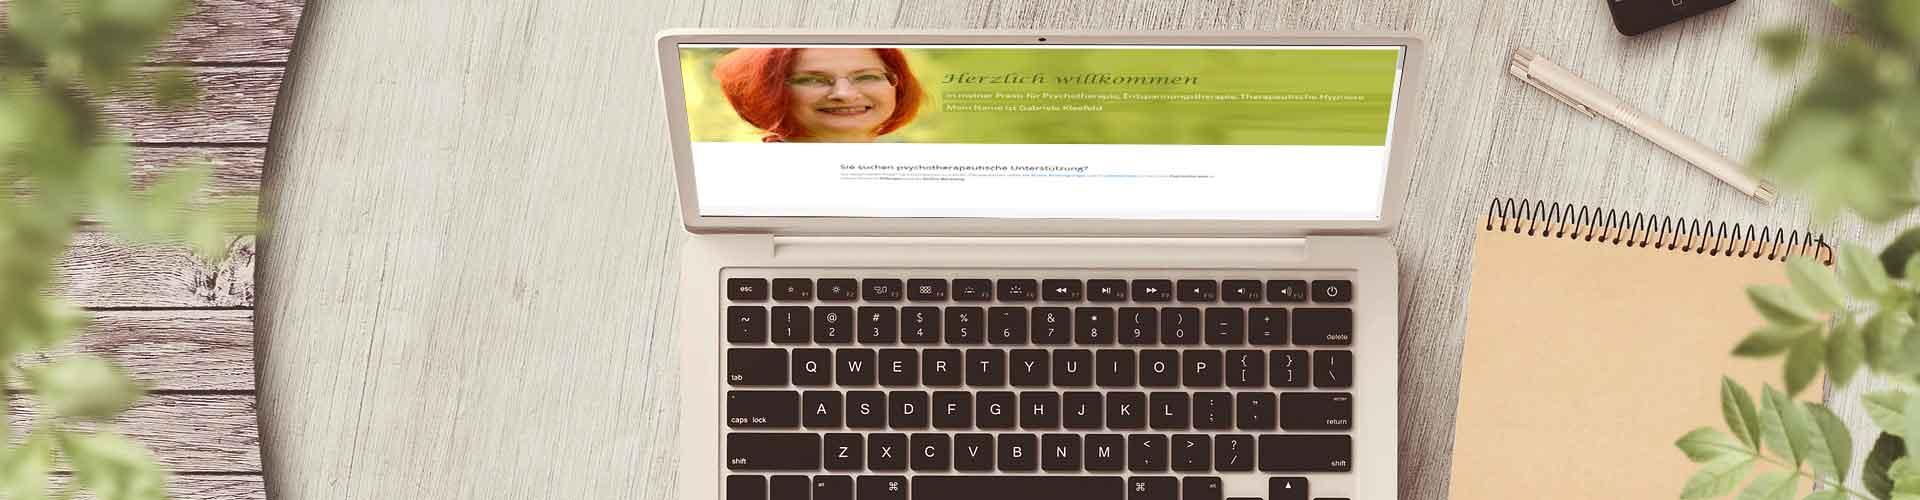 online-workshops gabriele kleefeld